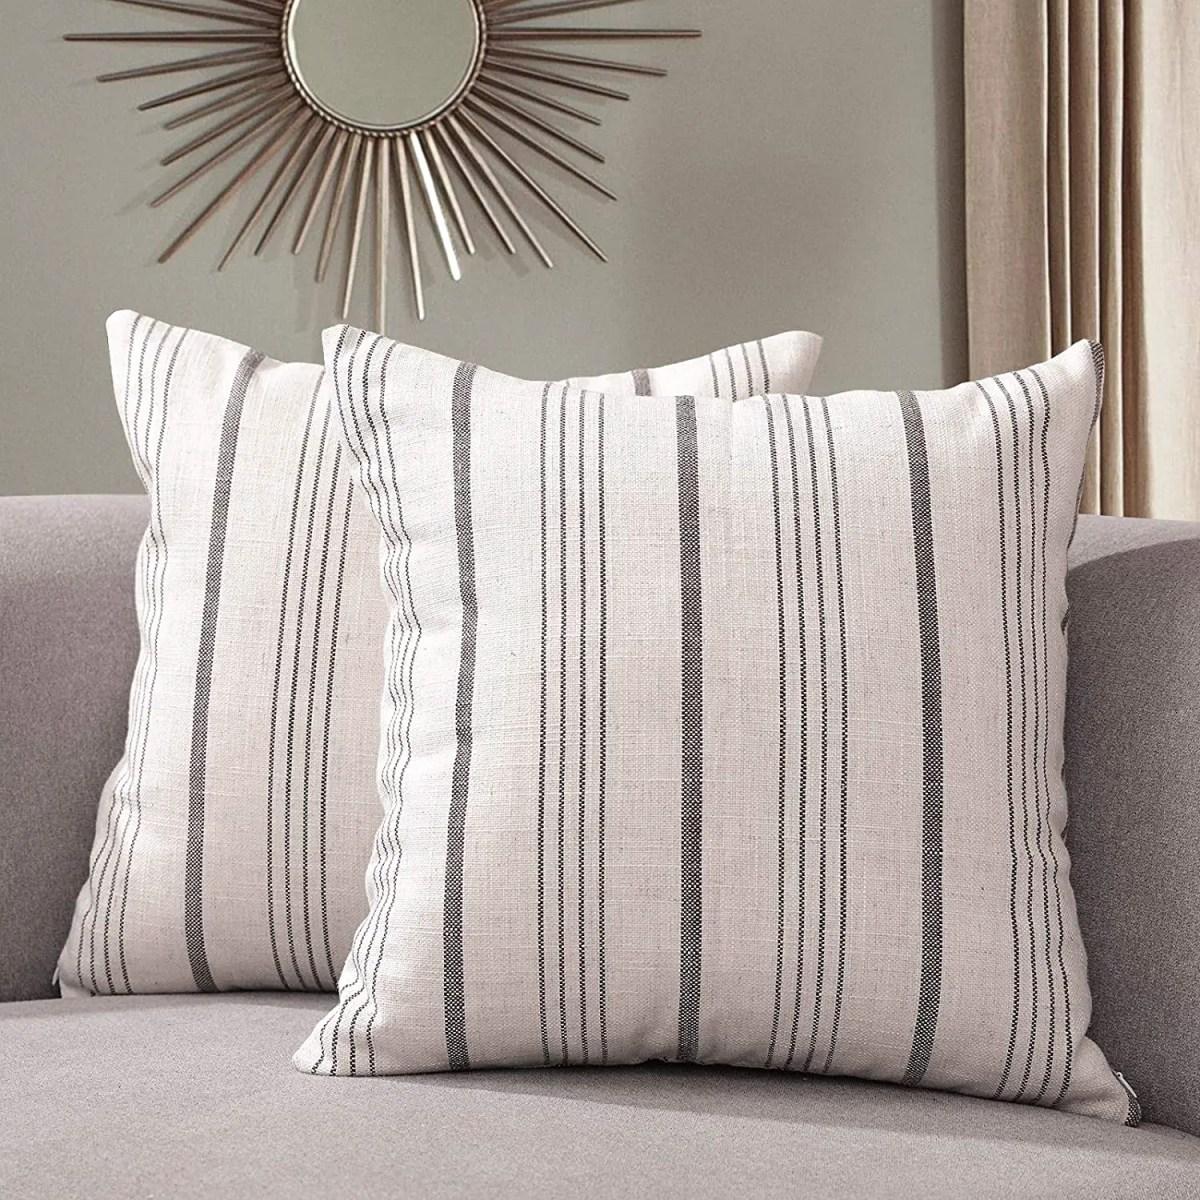 Striped-Farmhouse-Pillowcases